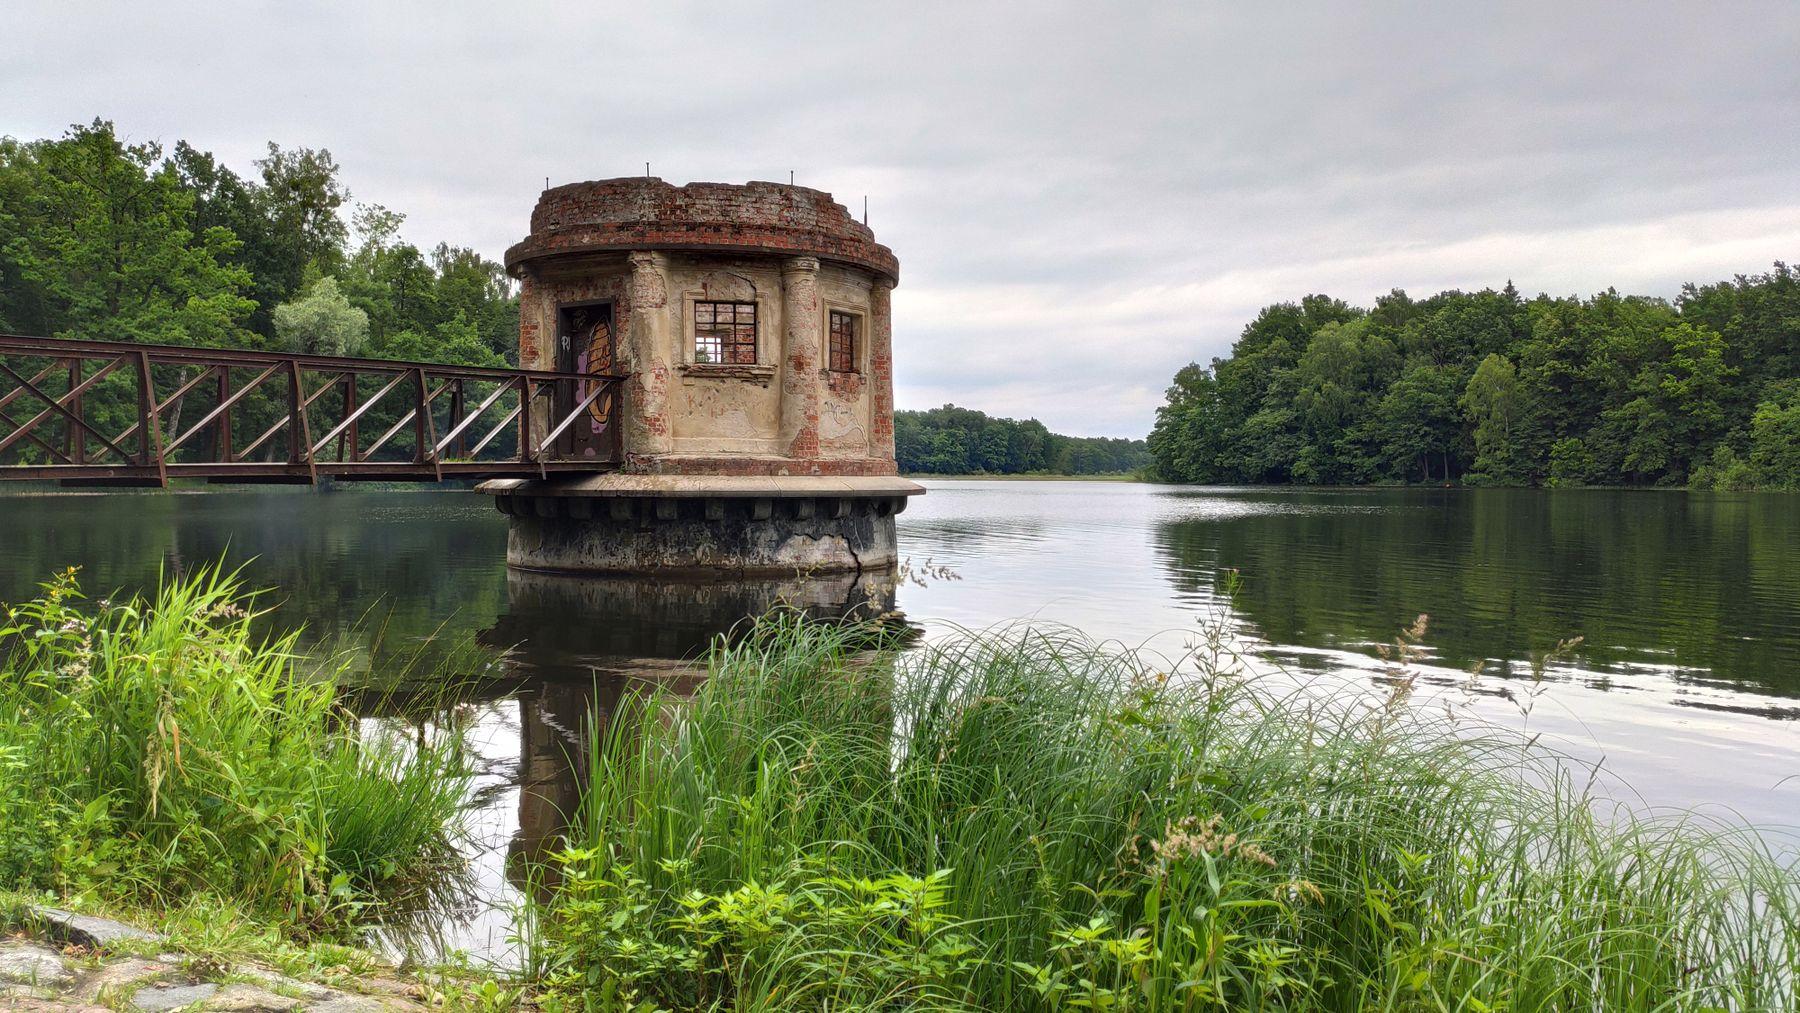 Смотровая беседка на пруду Великий(Вилльгайтен-нем.). Пруд беседка леса аллея